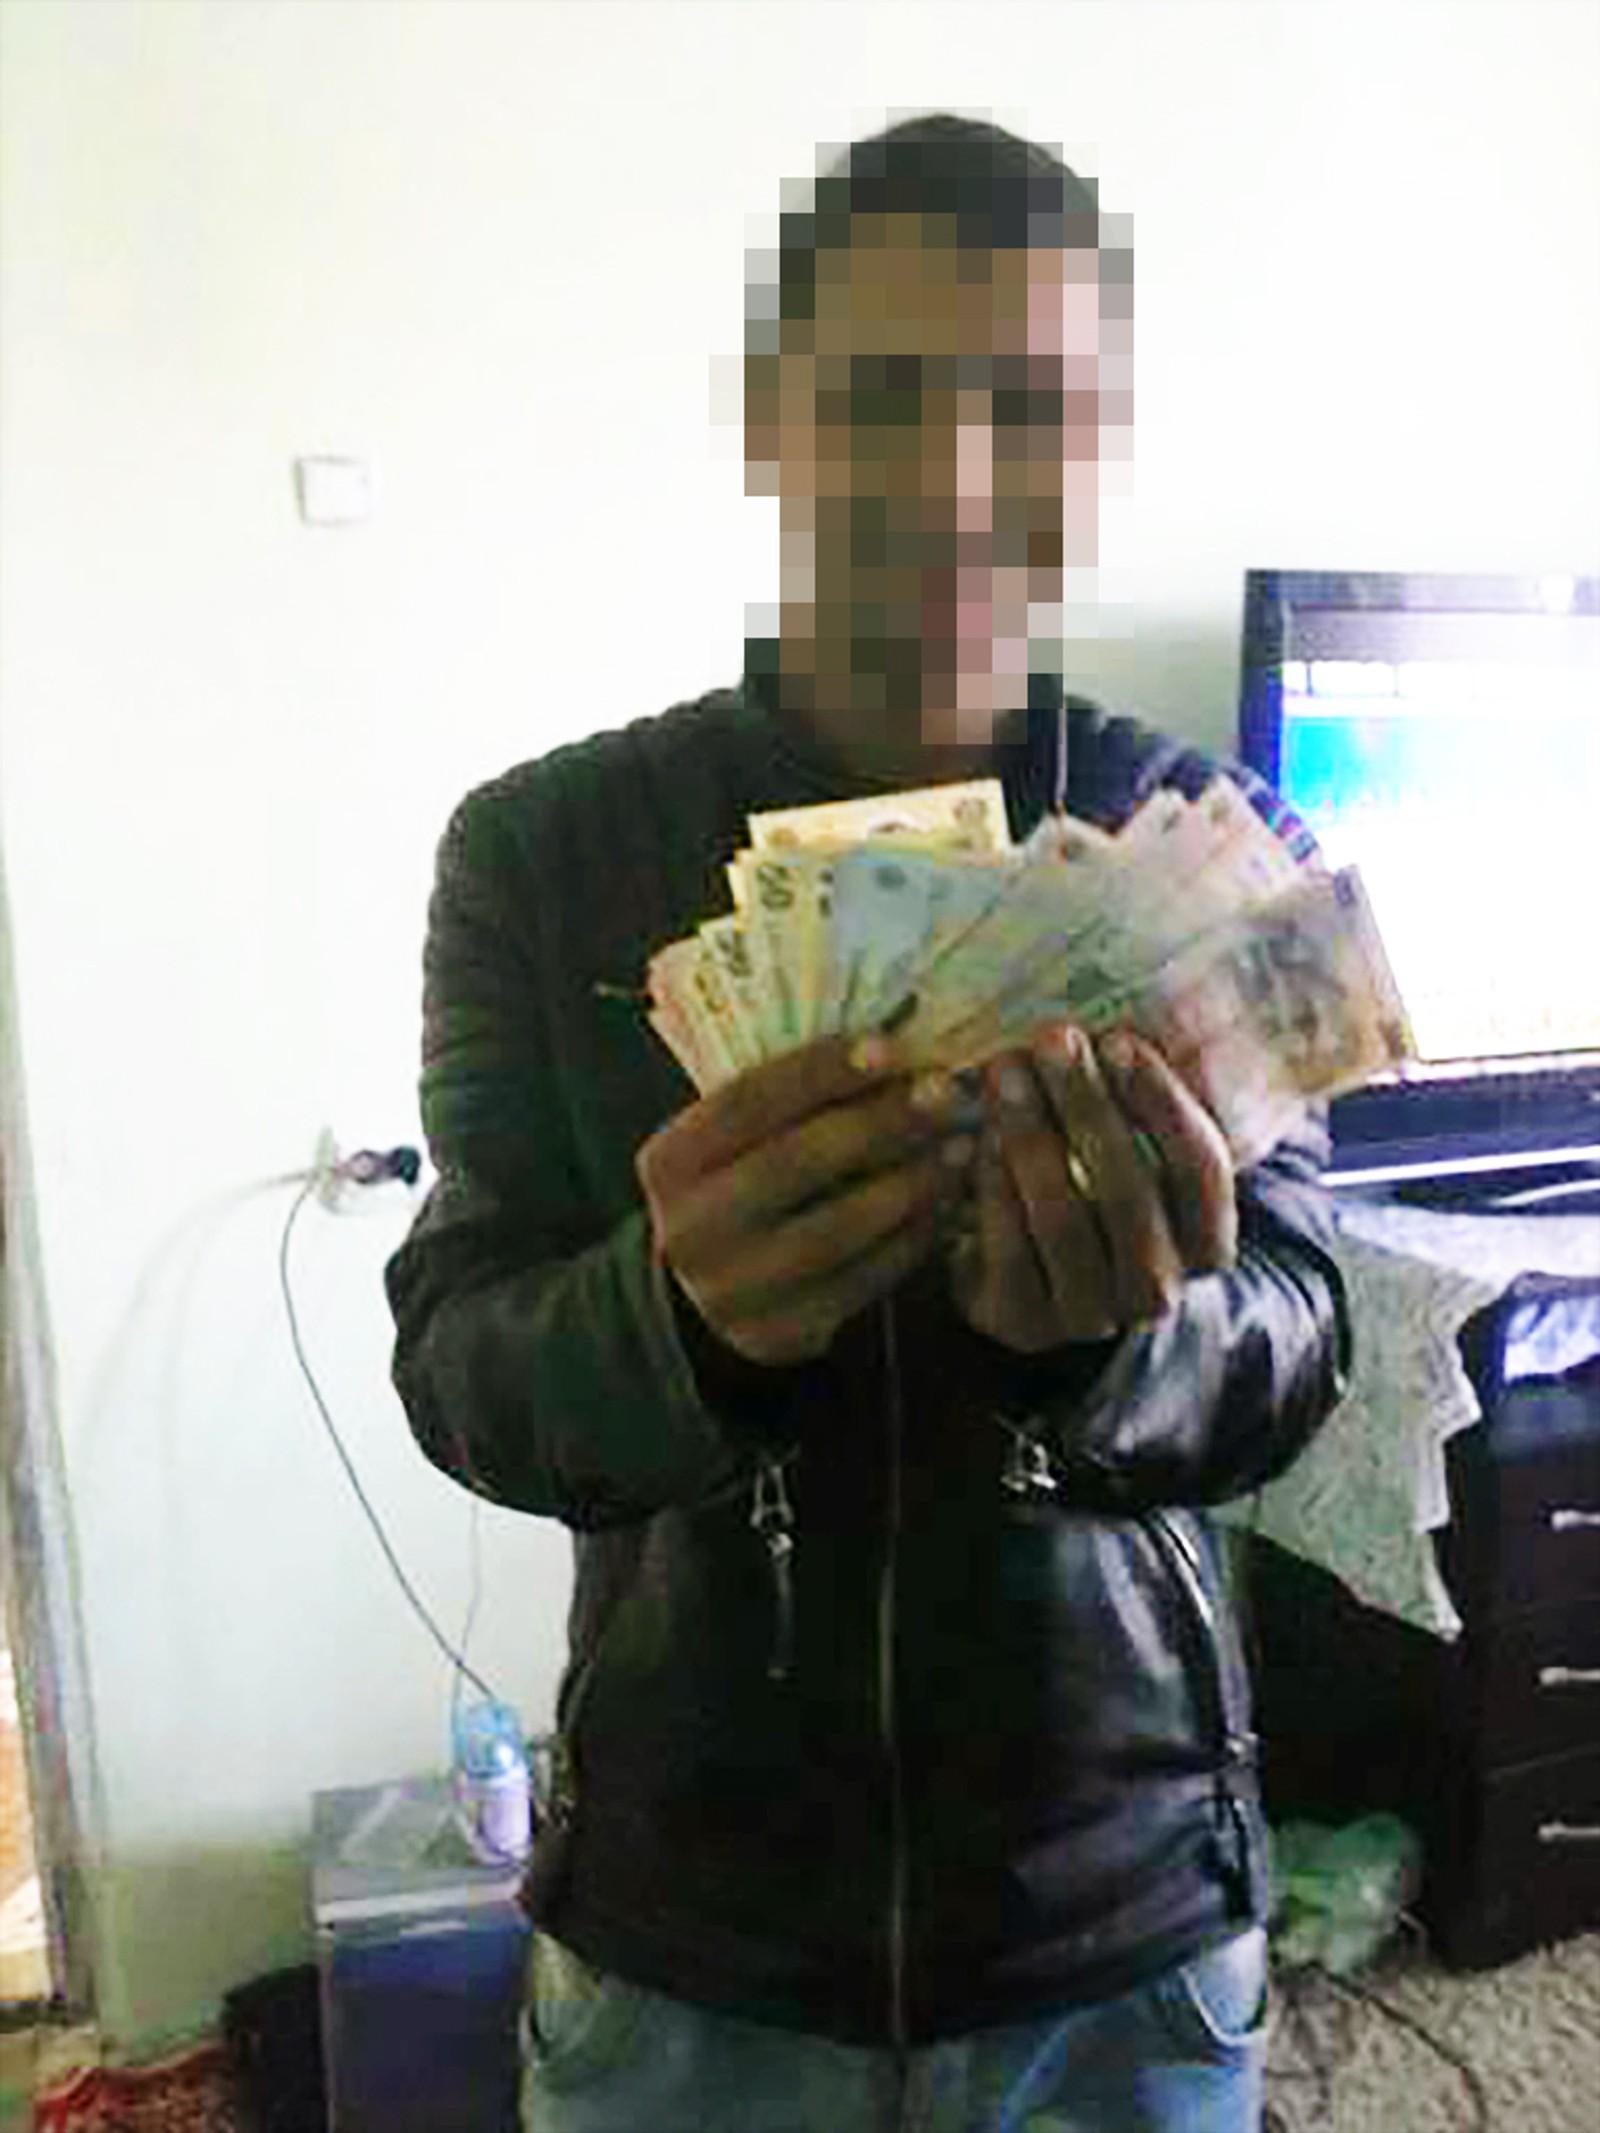 Mannen som la ut bildet av et kjøleskap fullt av penger har også lagt ut flere bilder av seg selv med pengebunker.